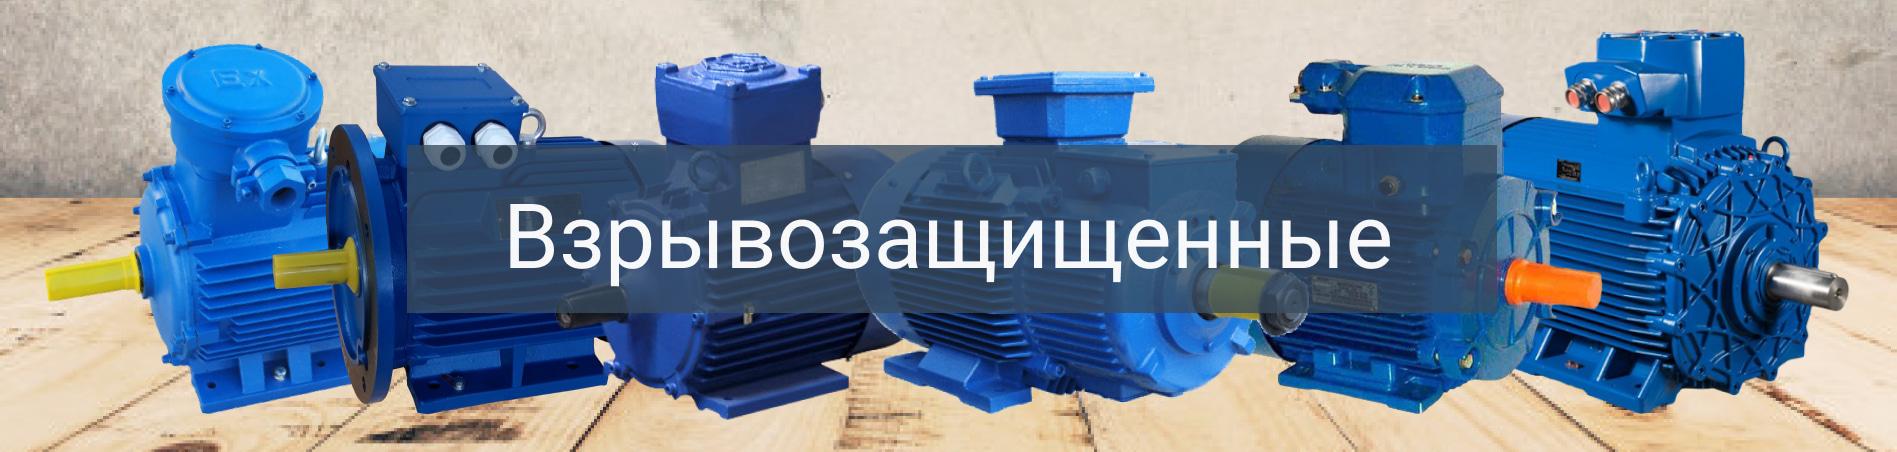 Взрывозащищенные электродвигатели 132 квт